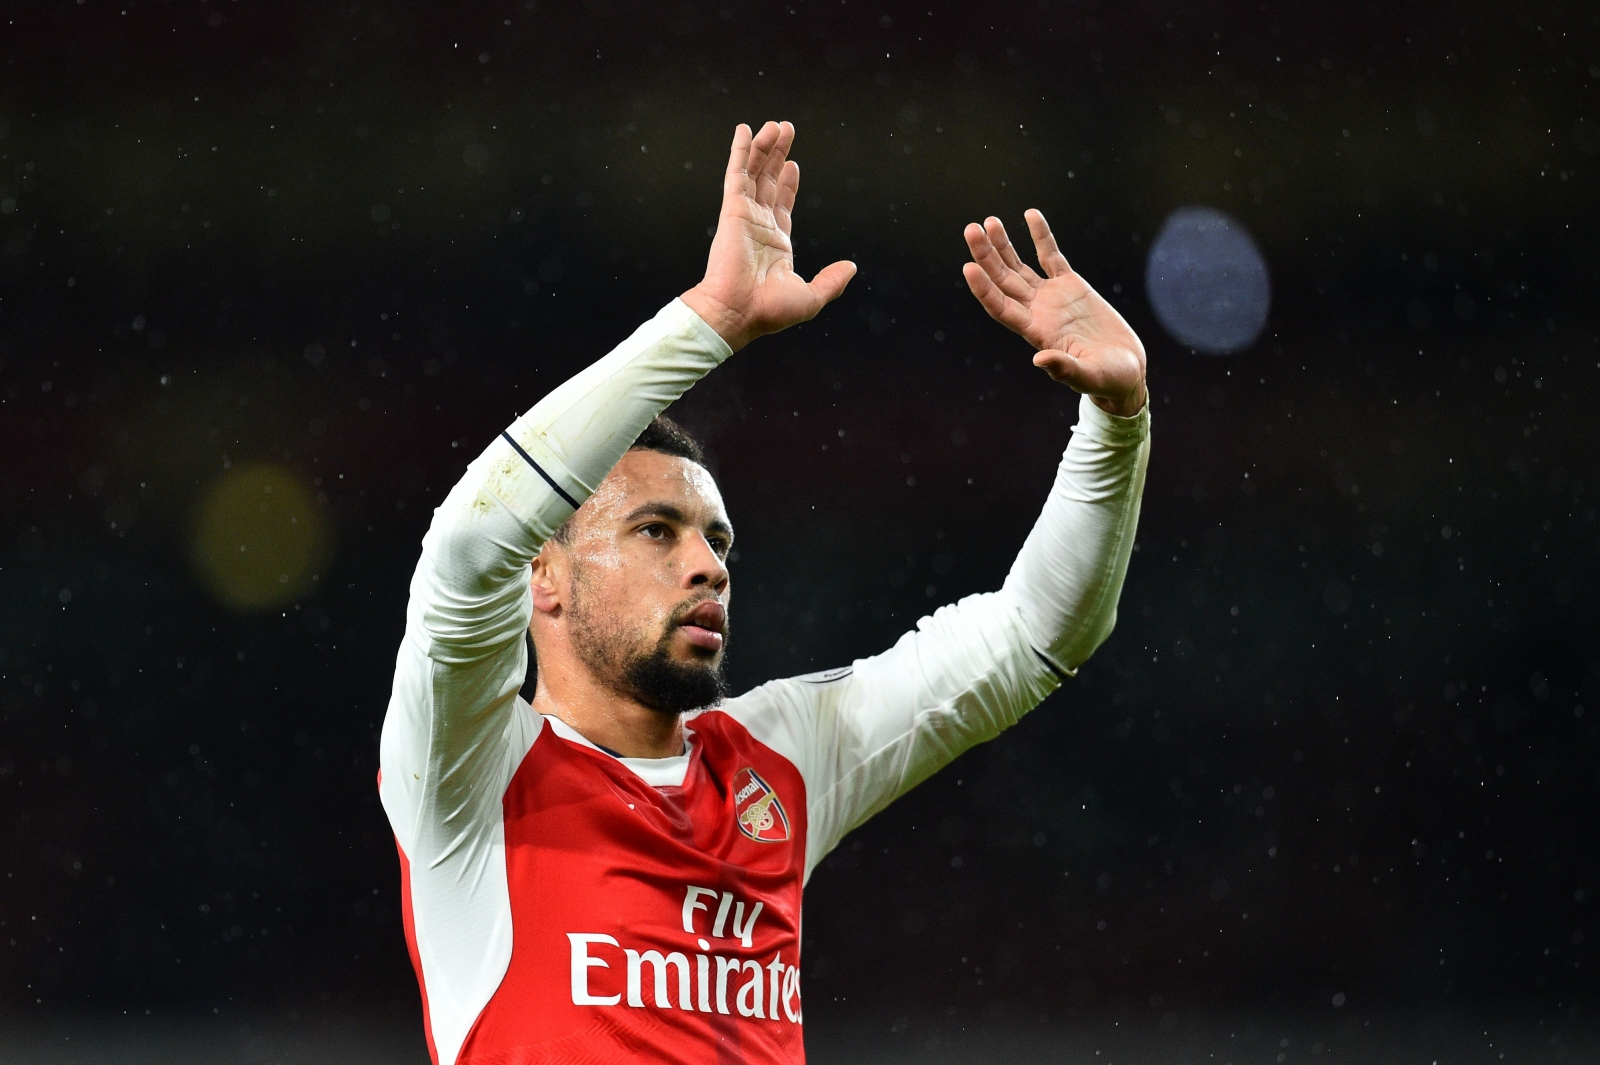 Arsenal extend Mertesacker's contract as defender nears return